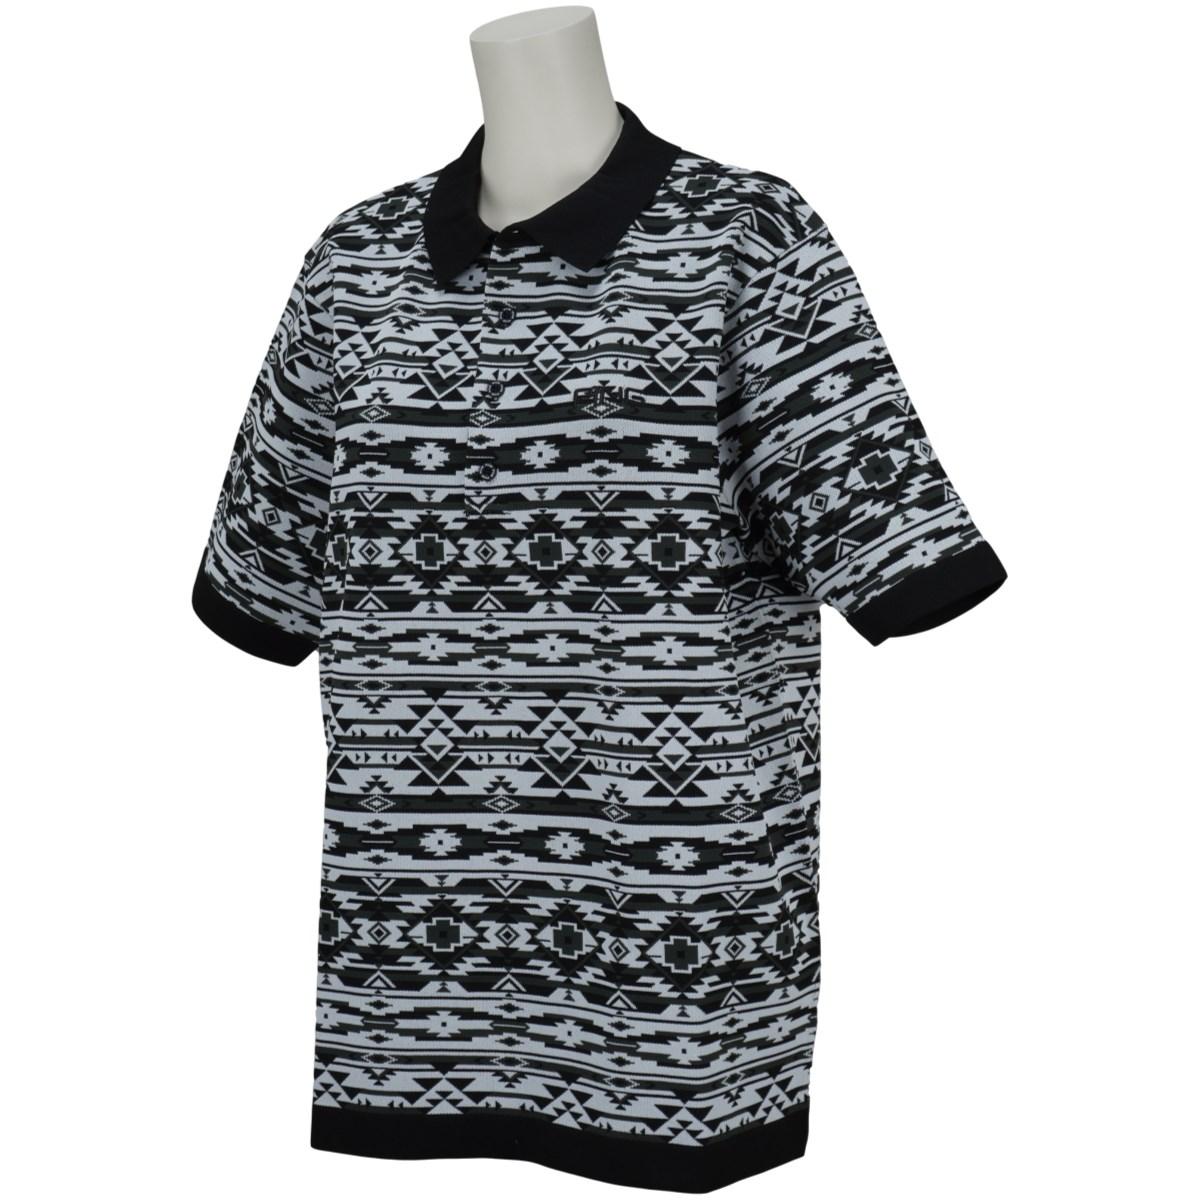 ピン PING 半袖ニットネイティブ柄ポロシャツ LL ブラック 010